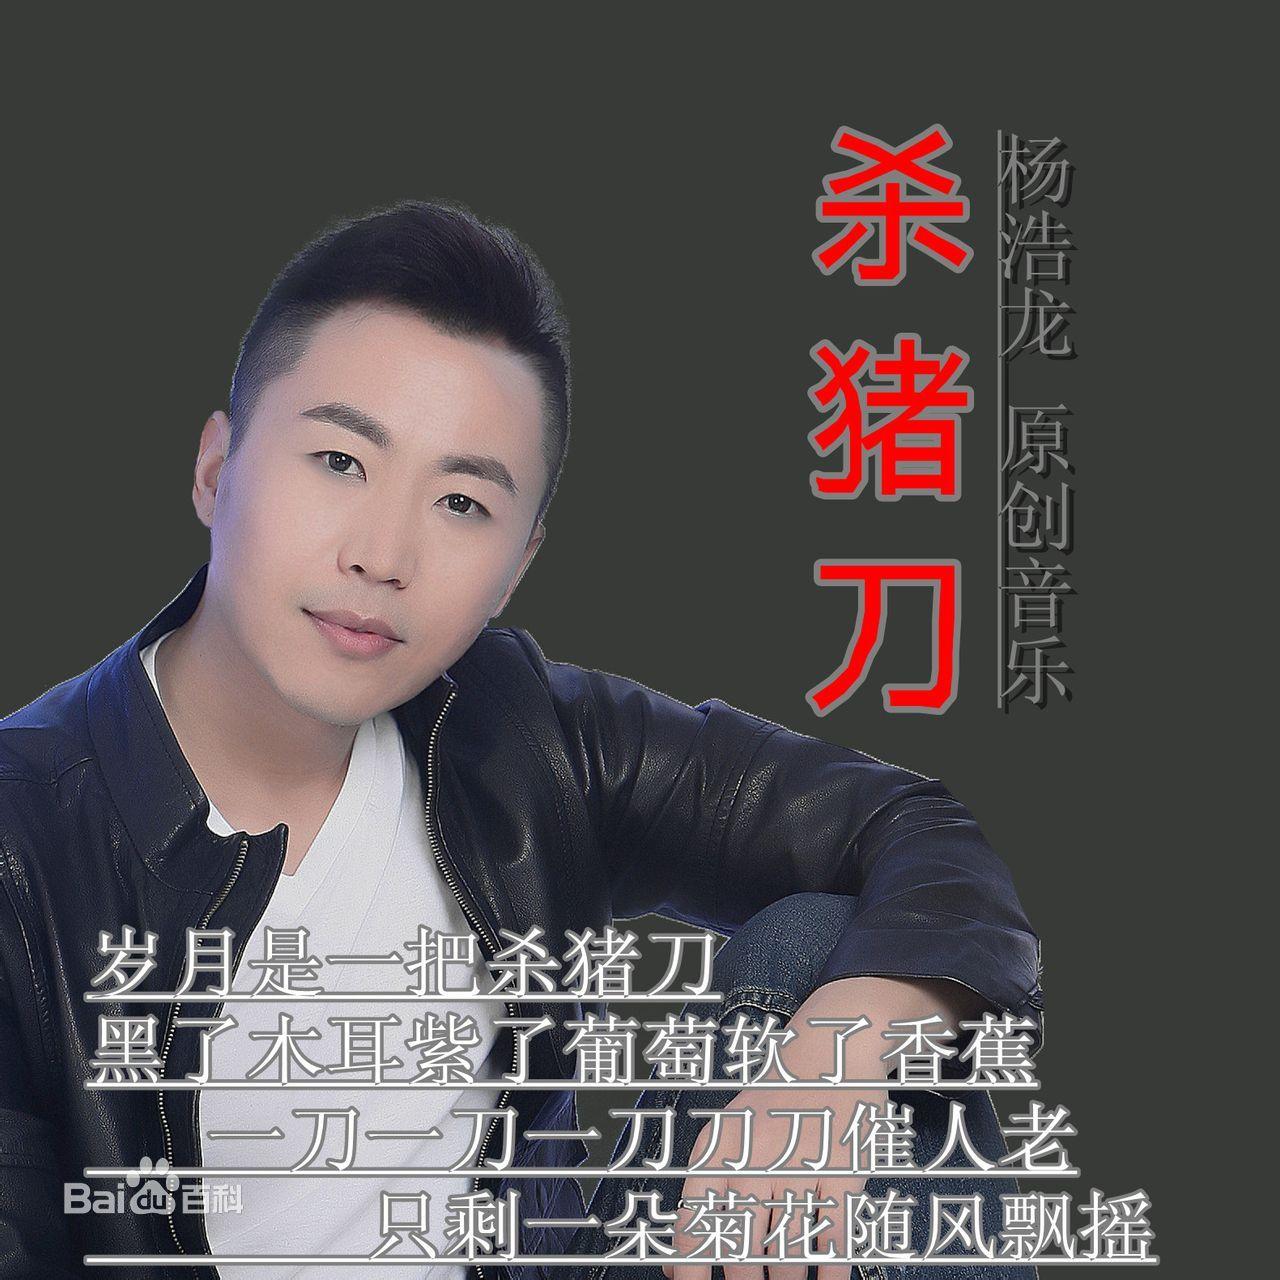 杨浩龙 杀猪刀 时间是把杀猪刀